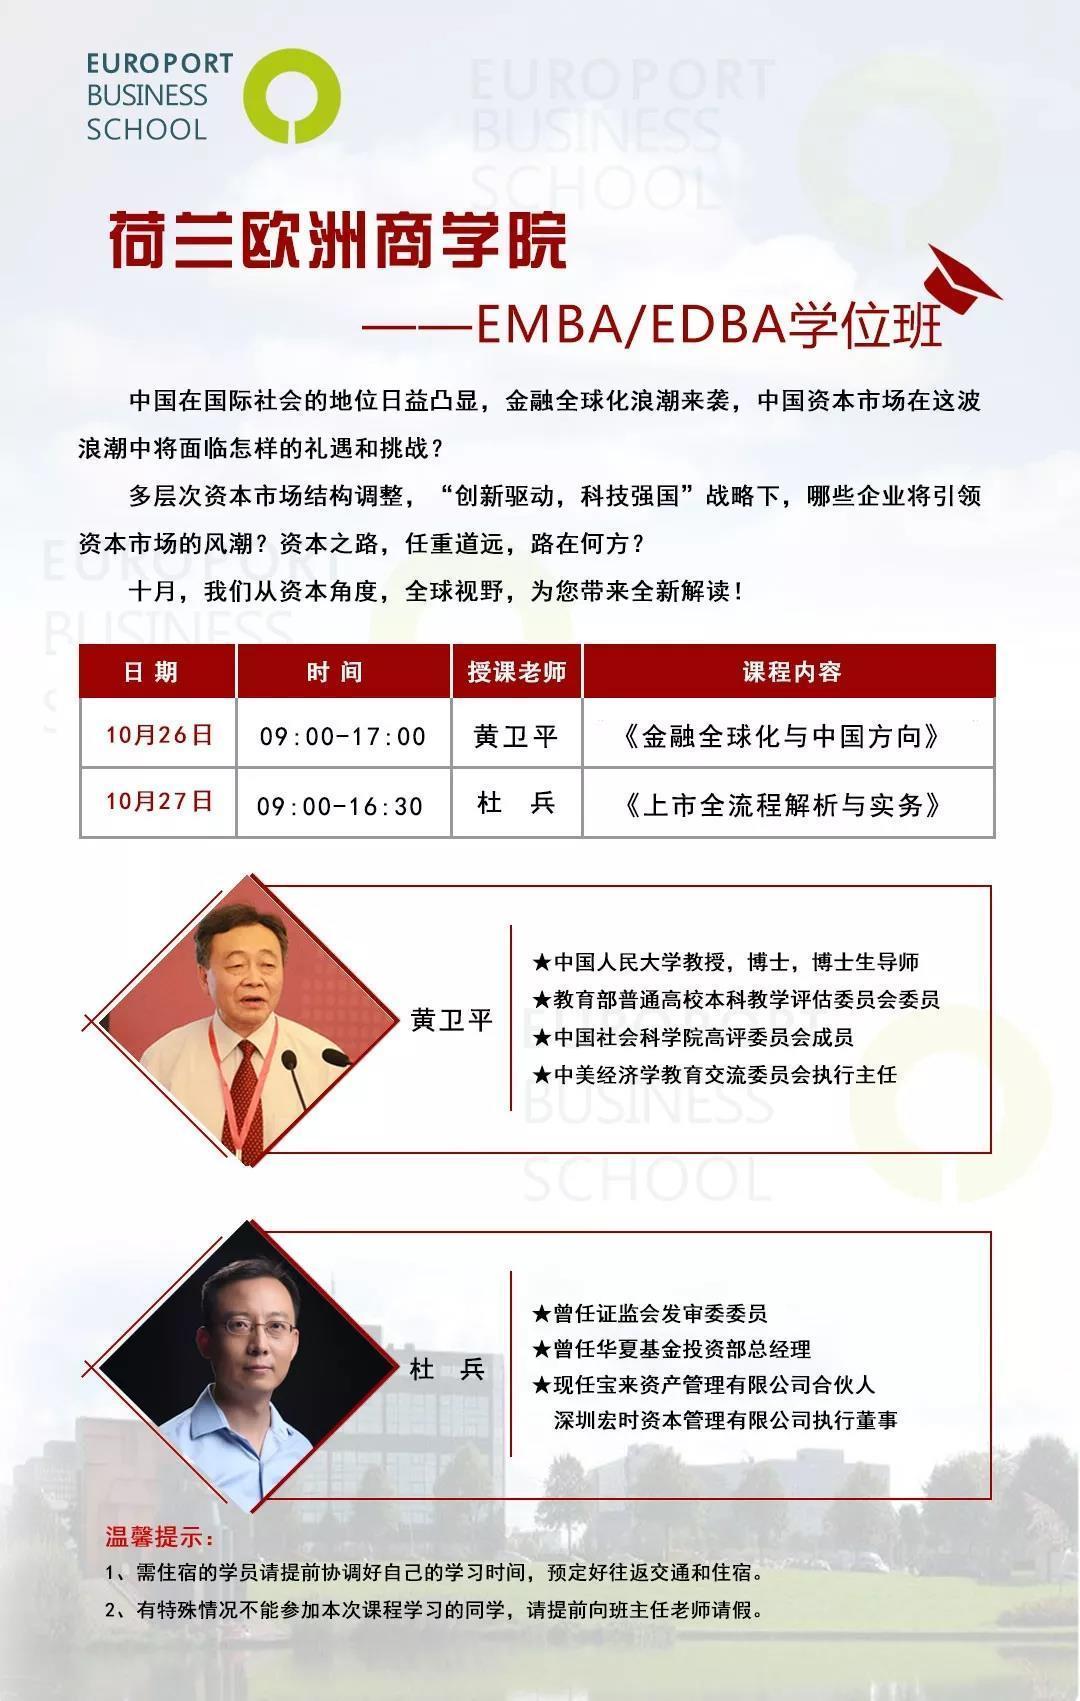 荷兰欧洲商学院北京大学EMBA/MBA学位班开课通知